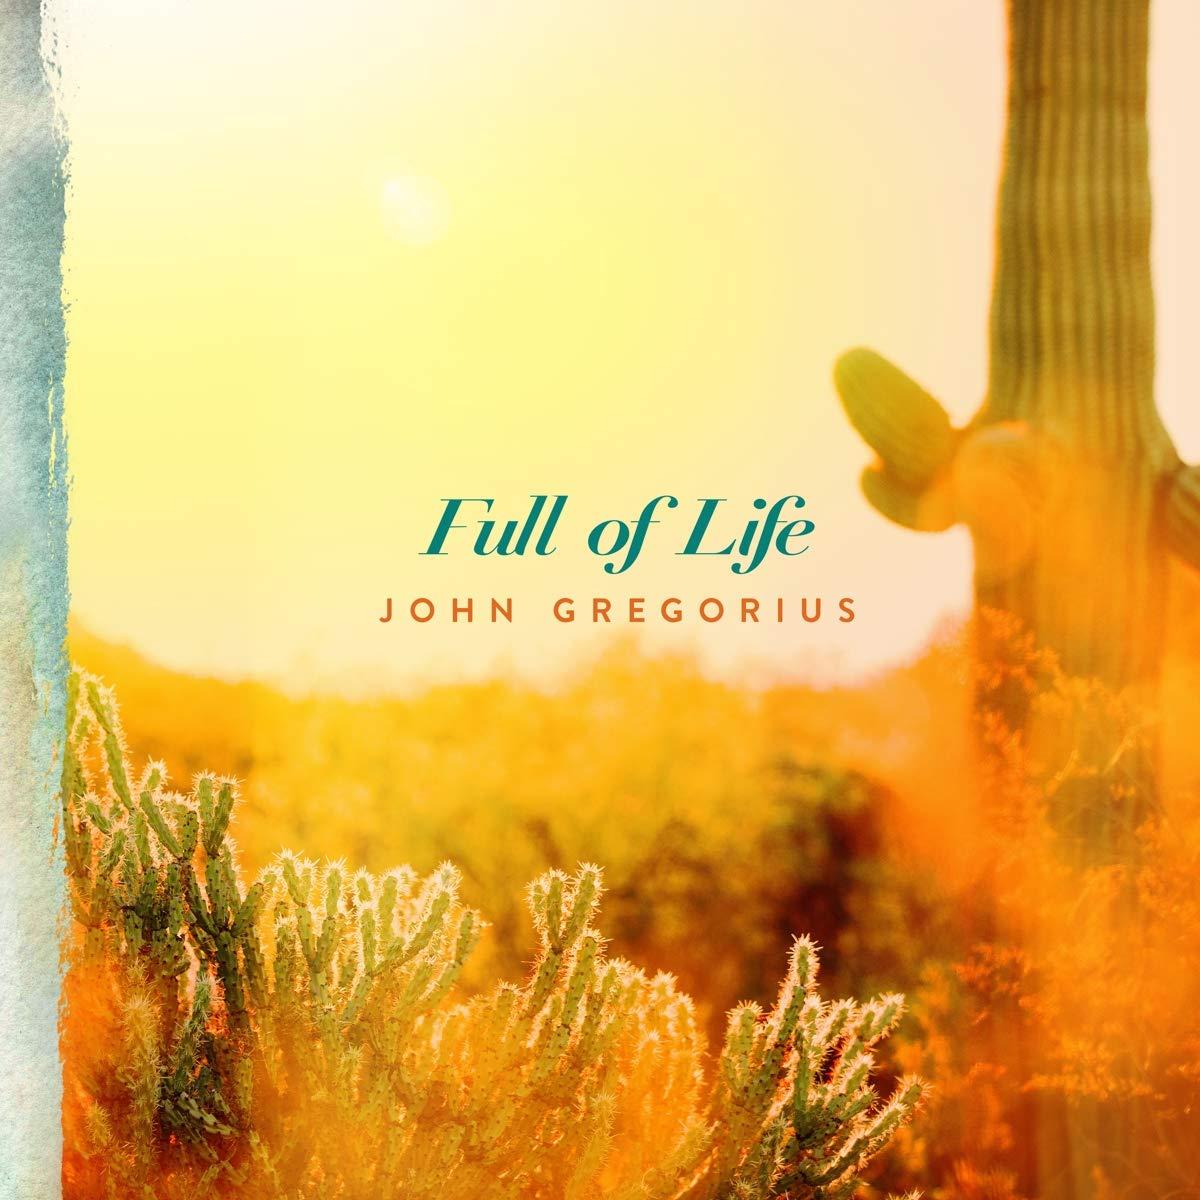 John Gregorius — Full of Life